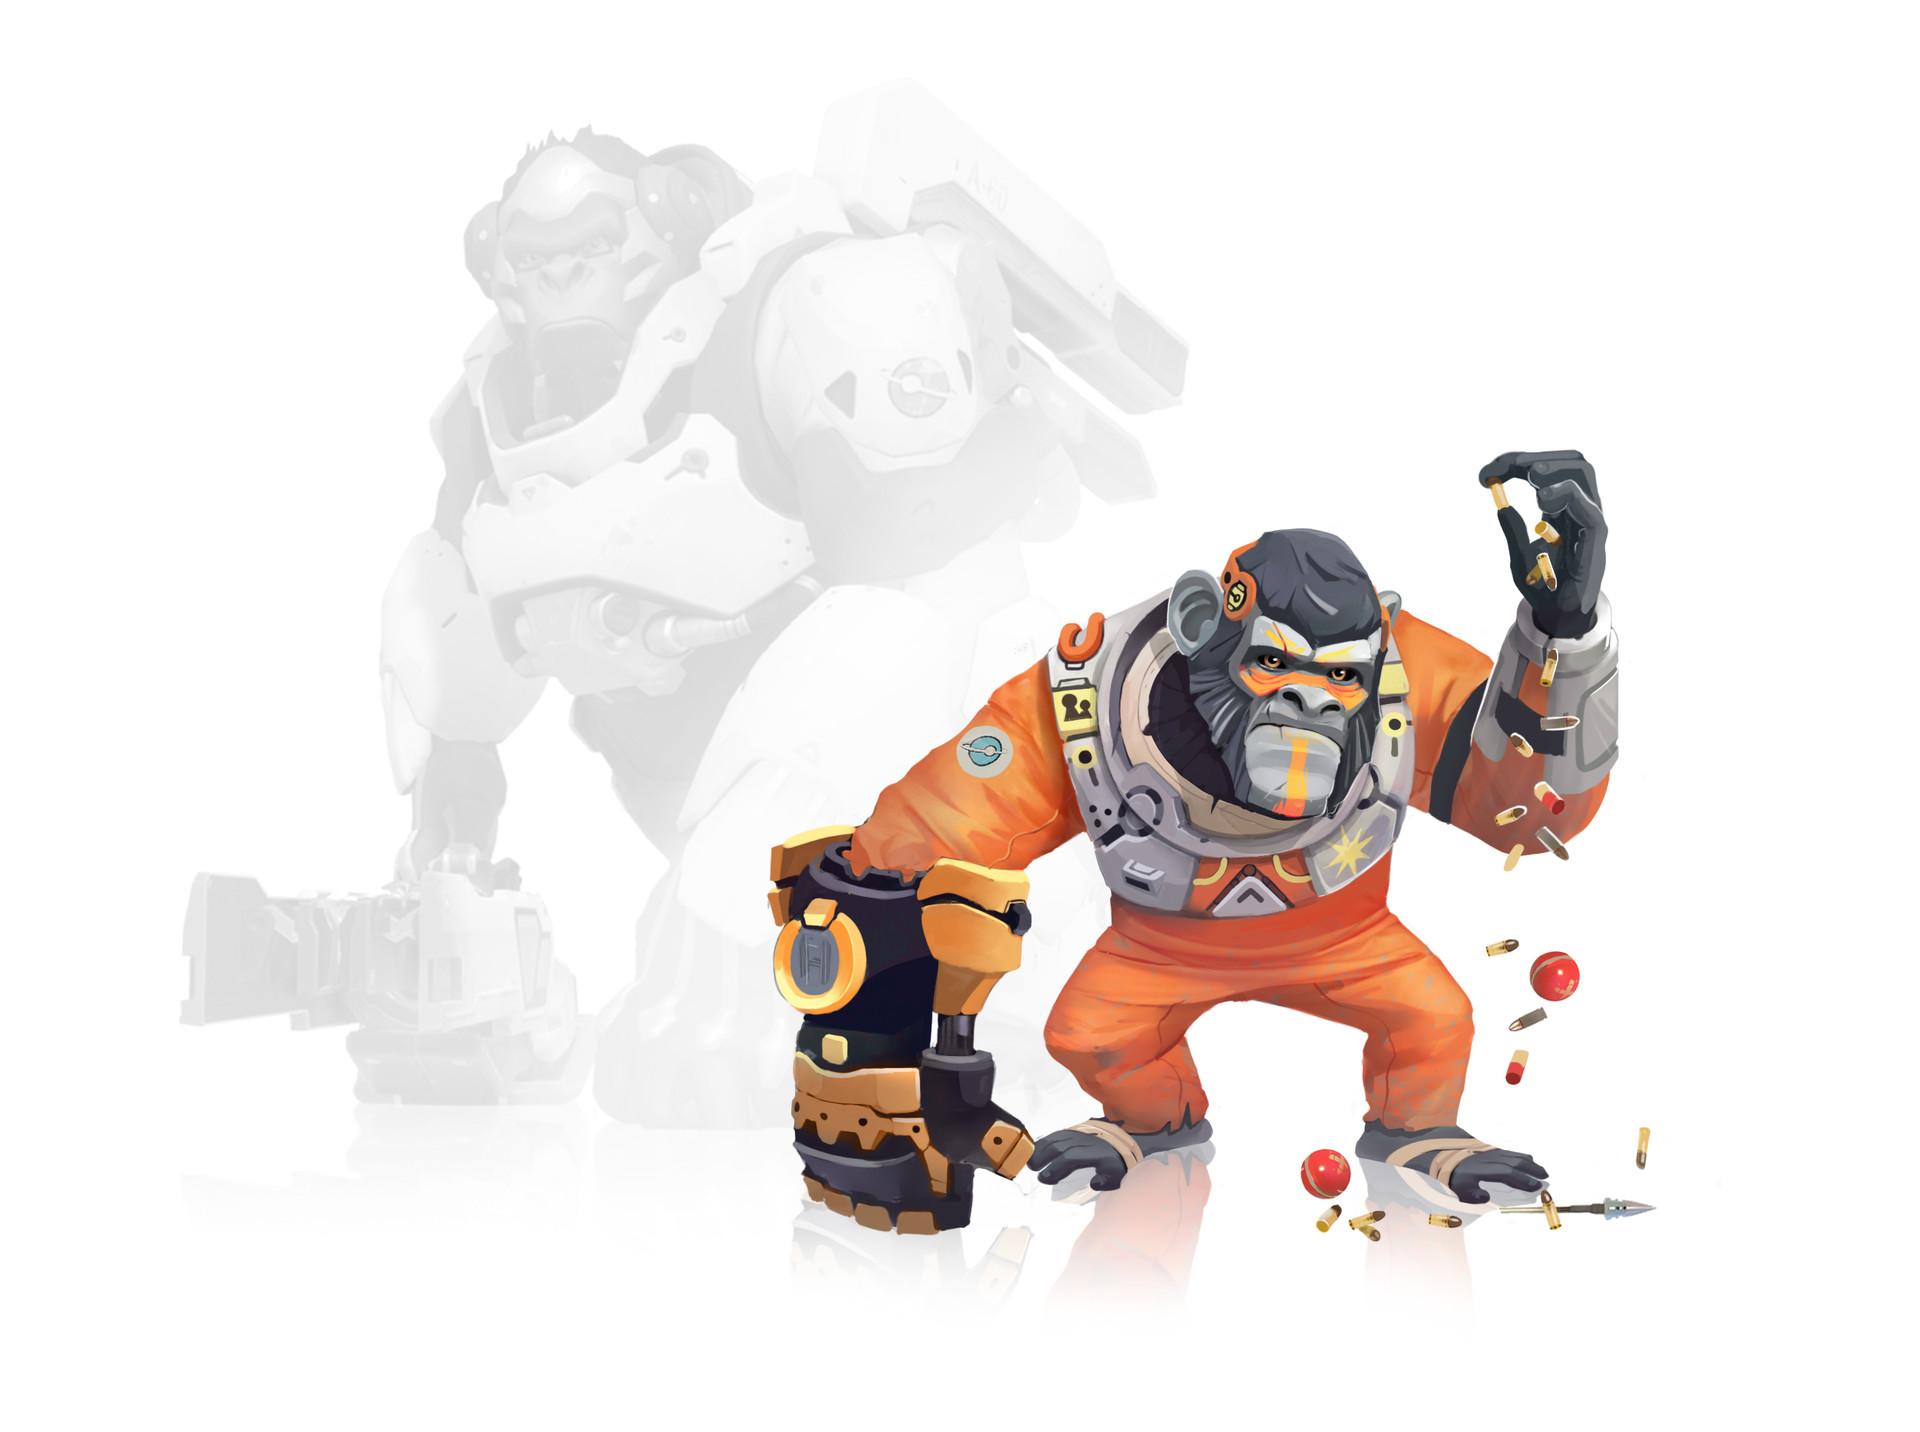 Hammond / Doomfist / Overwatch Character